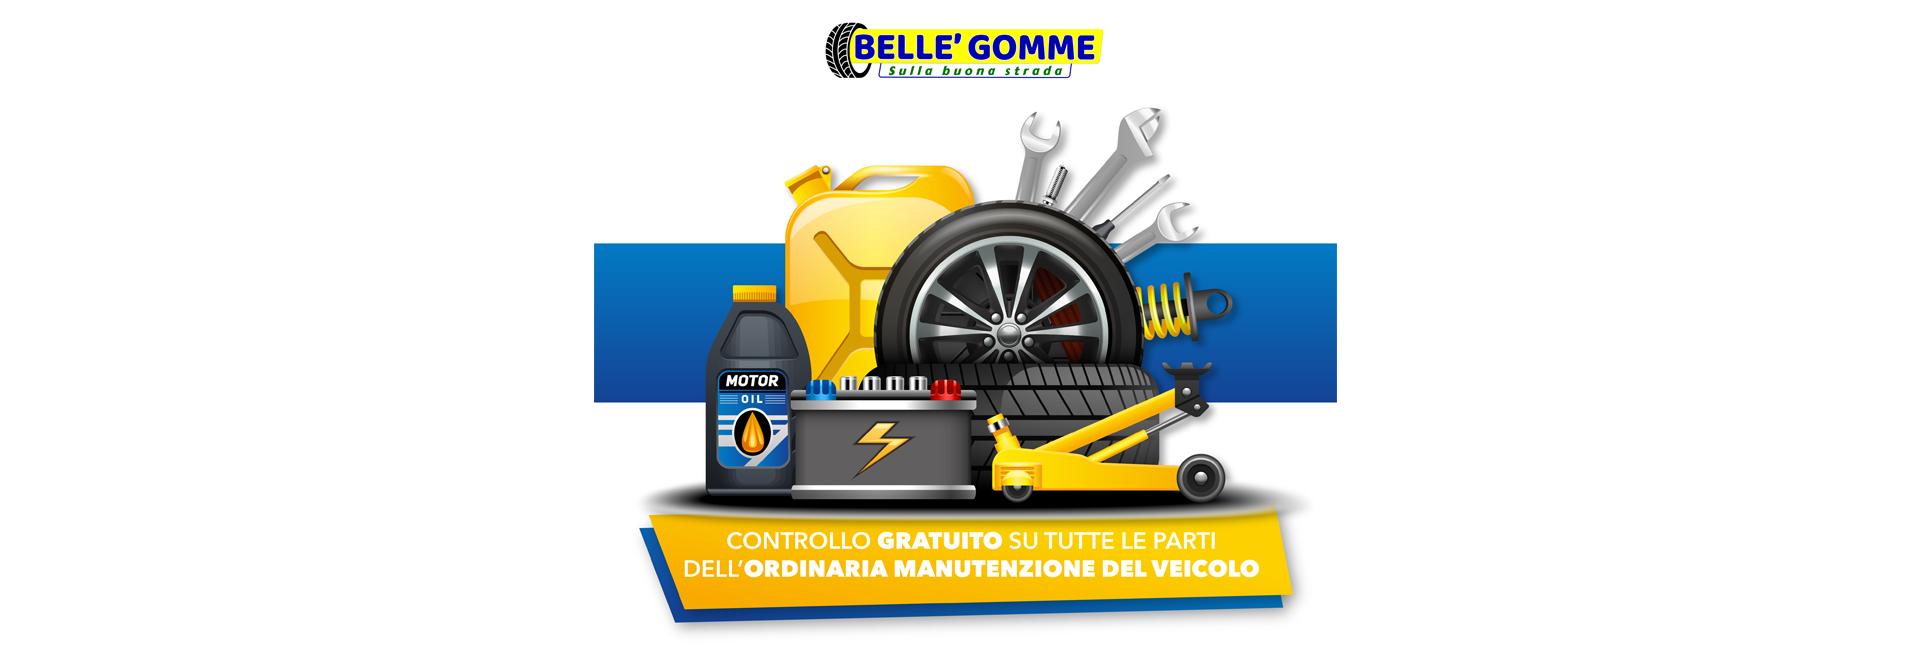 Controllo-gratuito-manutenzione-veicolo